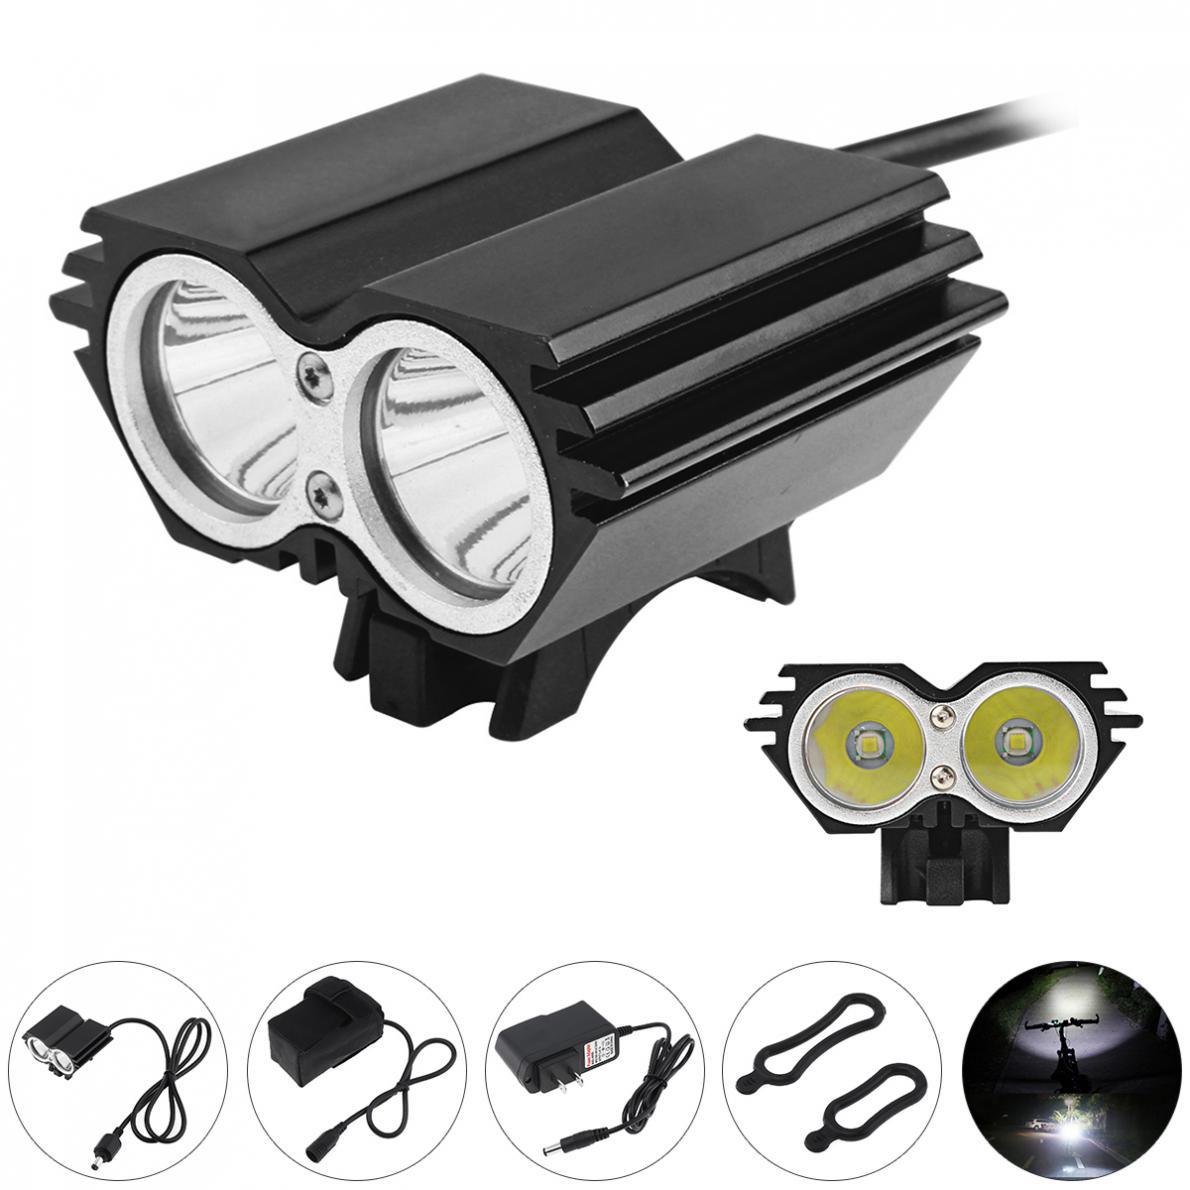 SolarStorm 5000LM X2 XM-L T6 phares de LED de vélo étanche avec batterie rechargeable + chargeur